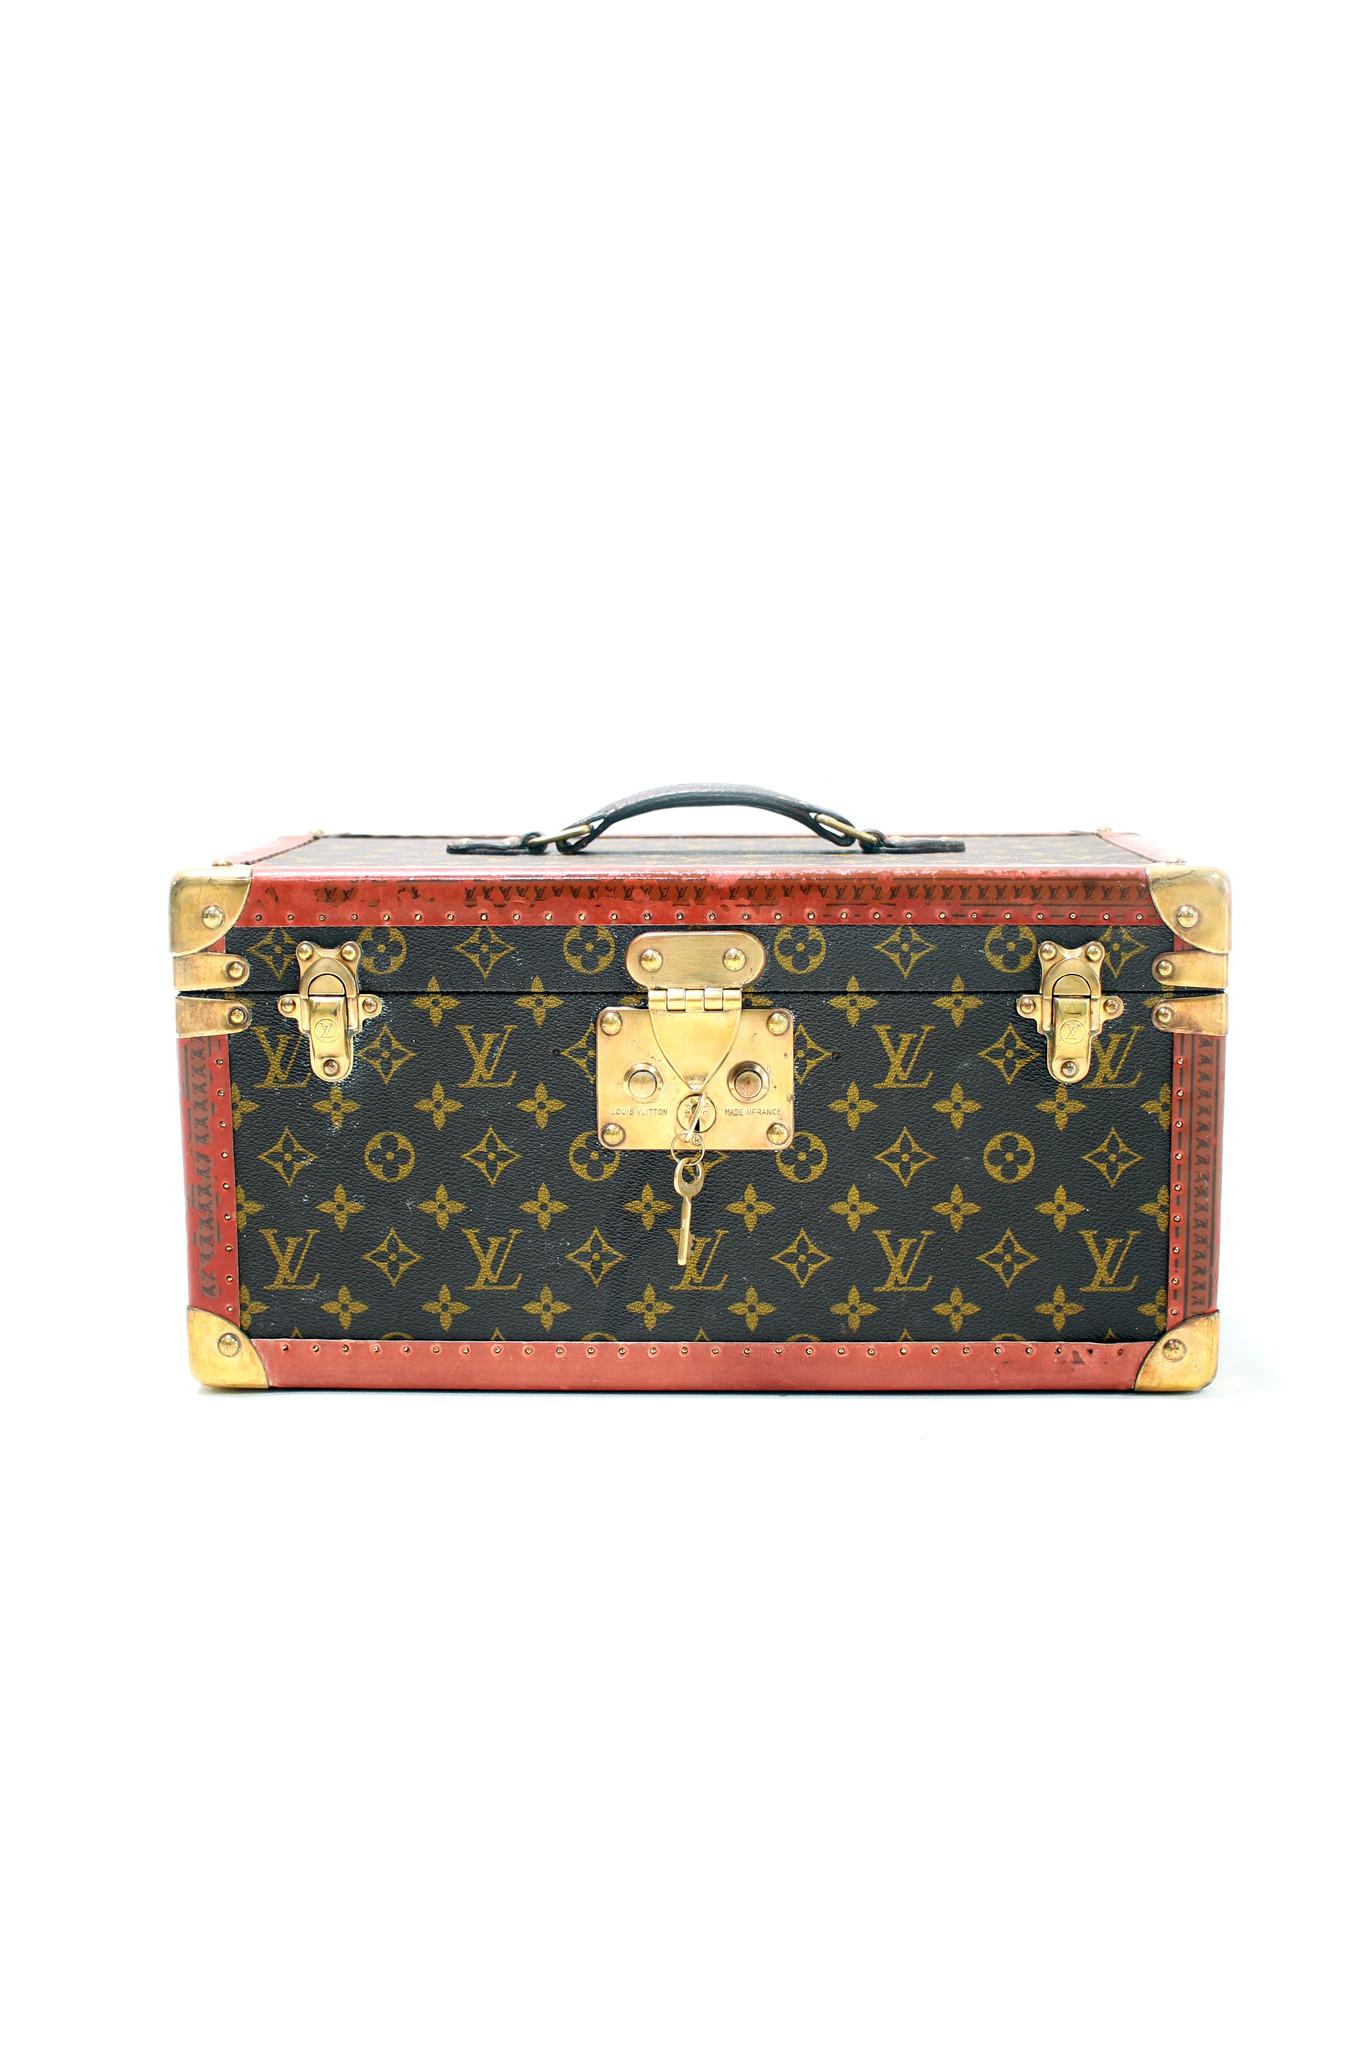 Vintage Louis Vuitton beauty case 1960's